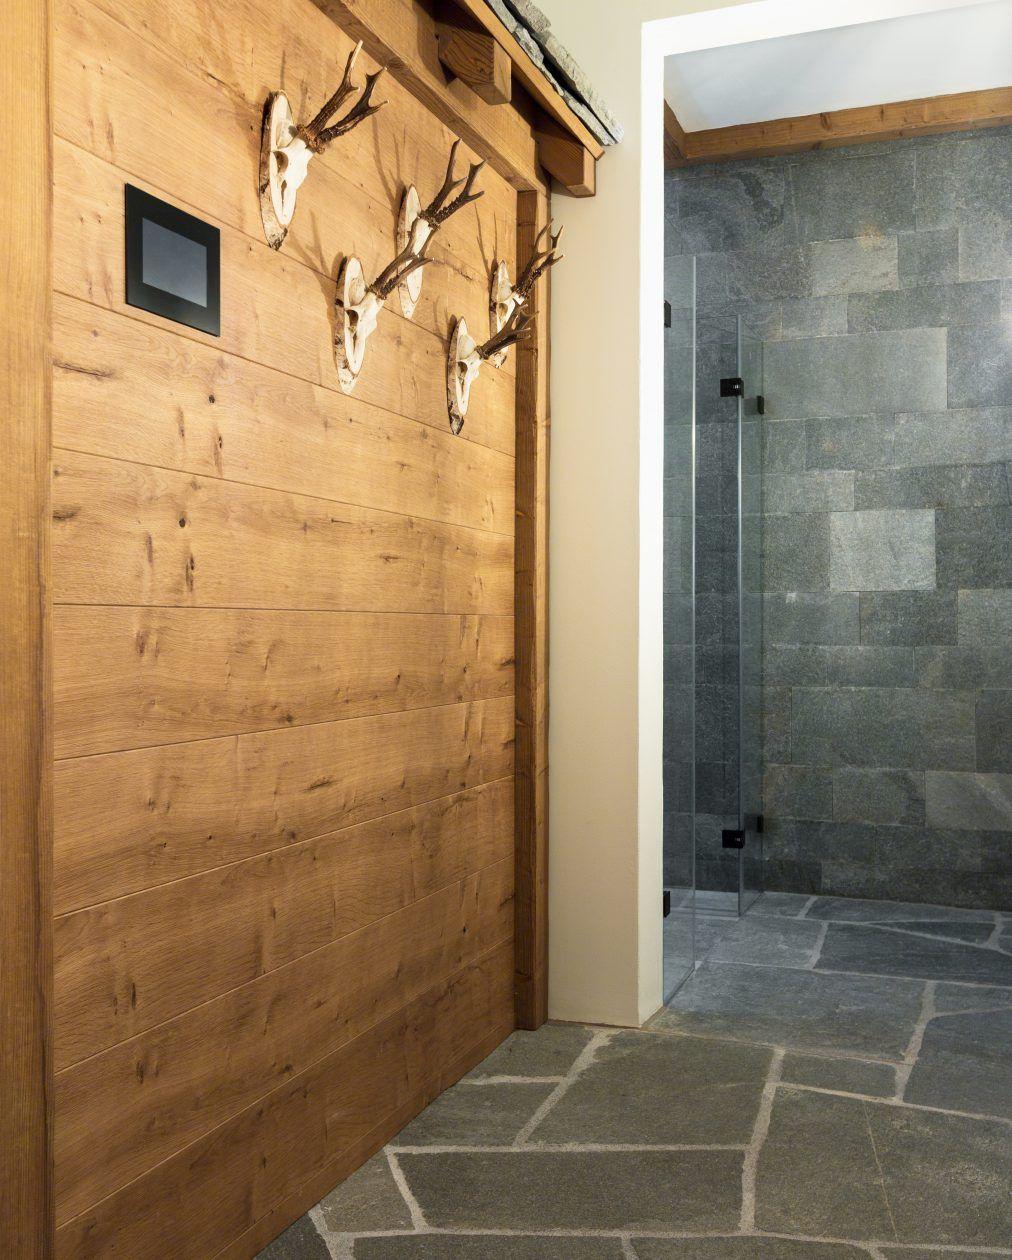 Naturstein Bodenplatten Und Duschenauskleidung Im Wellnessbereich